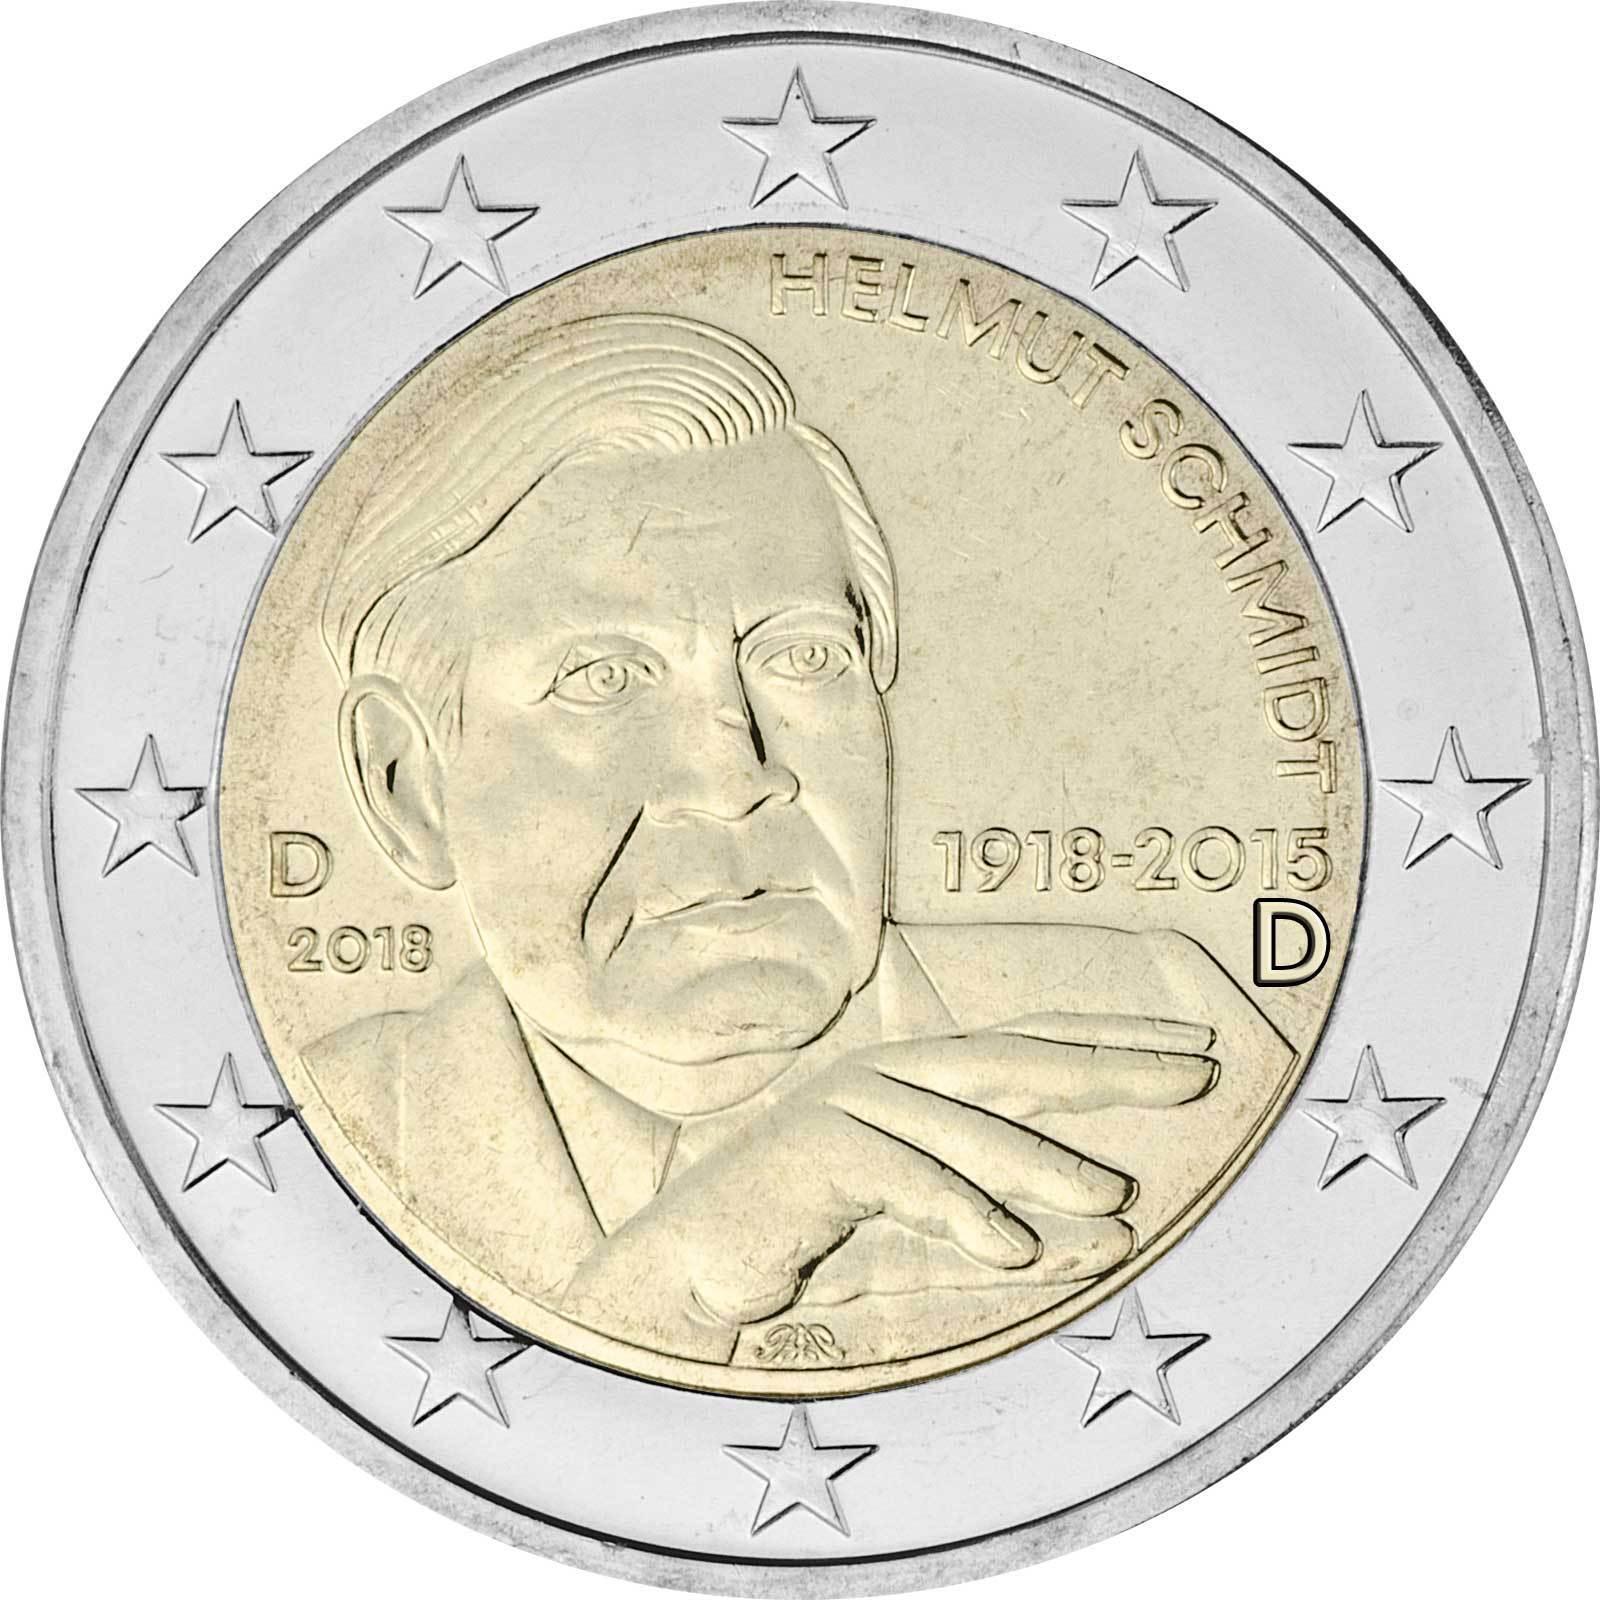 2 Euro Gedenkmünze Deutschland 2018 Schloss Charlottenburg Berlin